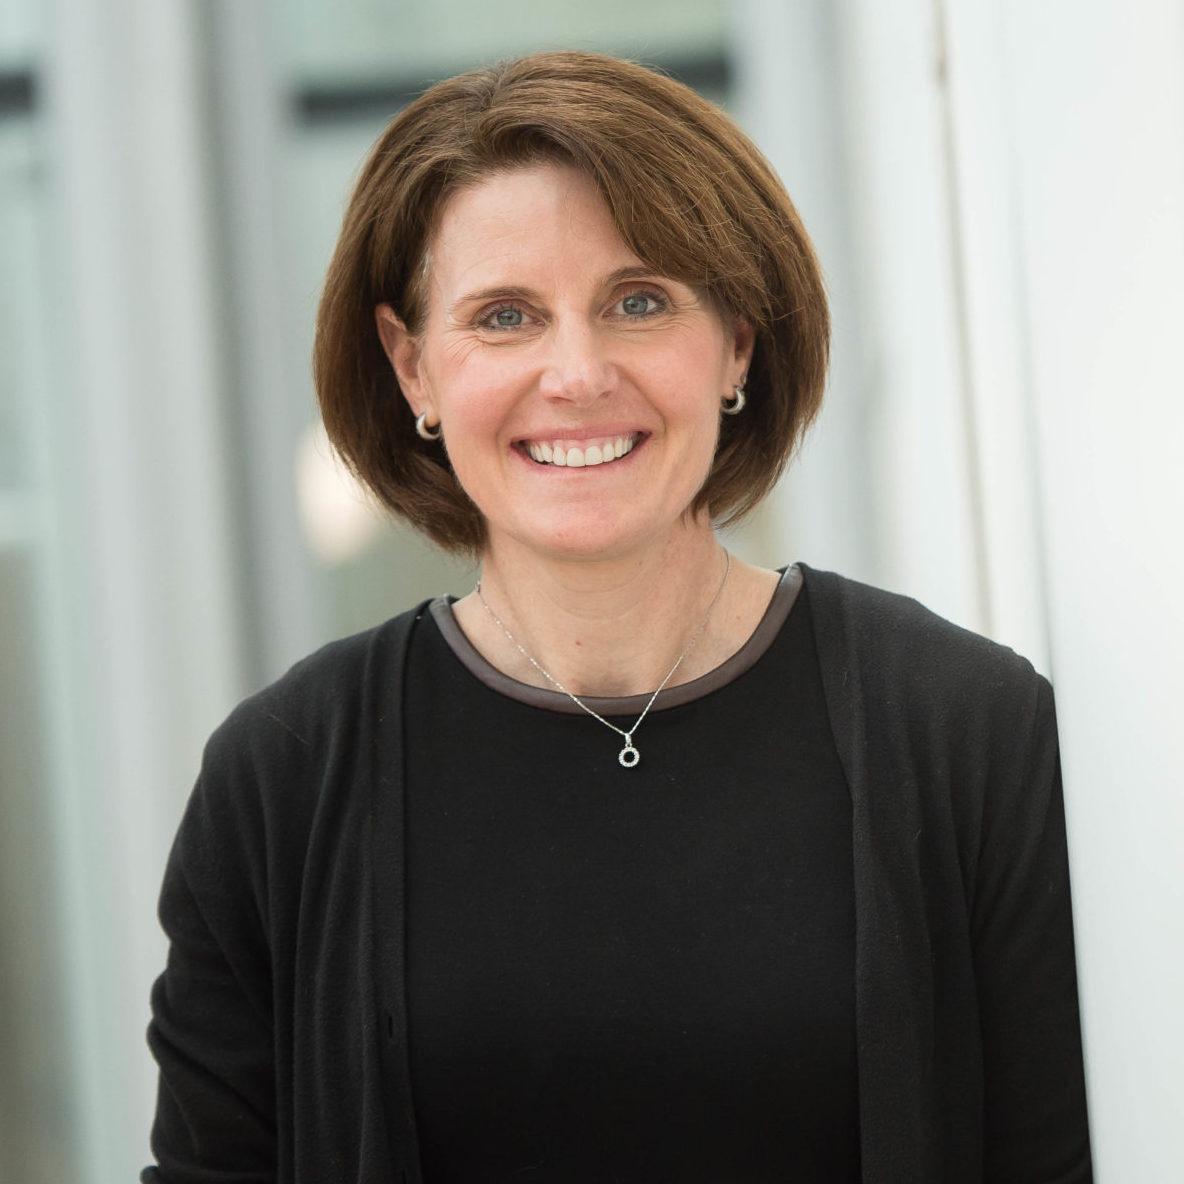 Dr. Lara Boyd